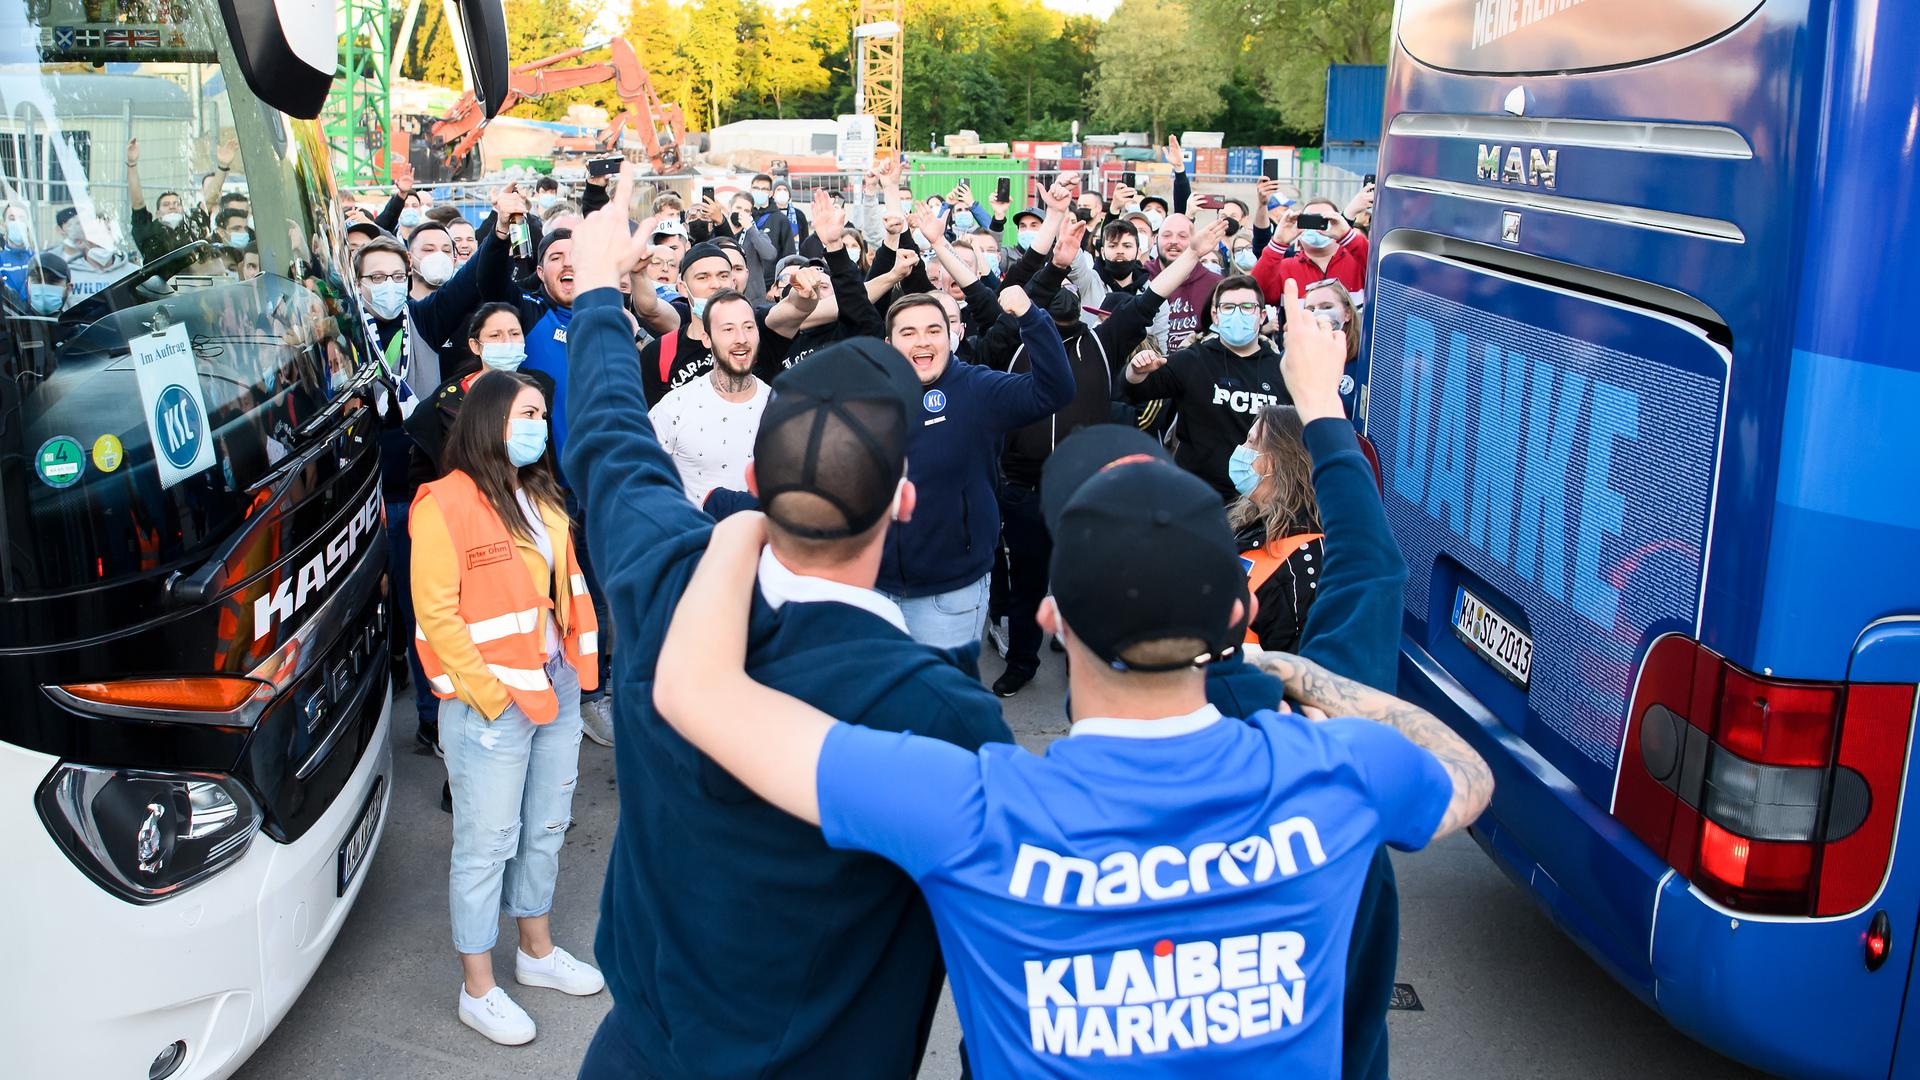 Begegnung mit Fans: Philipp Hofmann und Markus Kuster zeigen sich nach dem Ausstieg aus dem Bus vor dem Wildparkstadion den auf die Mannschaft wartenden Anhängern.